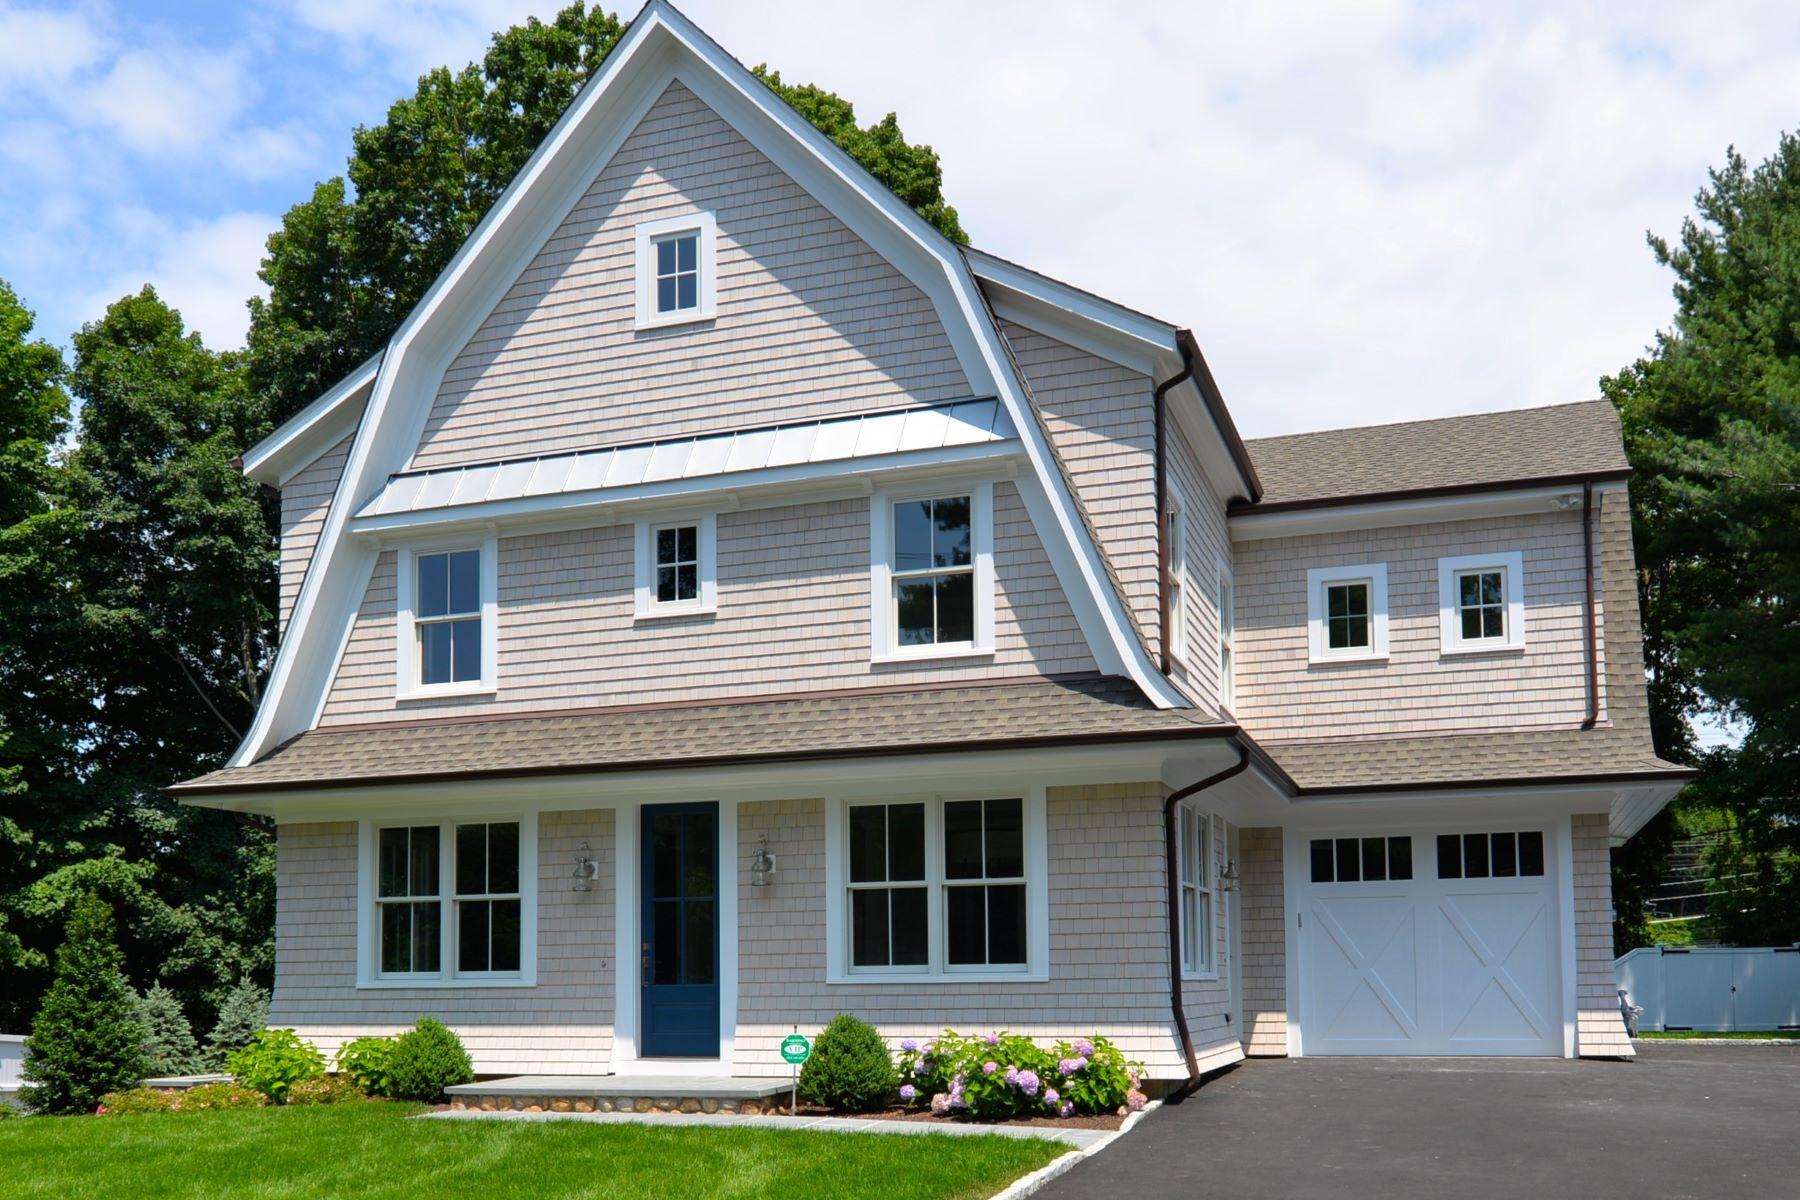 一戸建て のために 売買 アット 4 Vani Court Westport, コネチカット, 06880 アメリカ合衆国